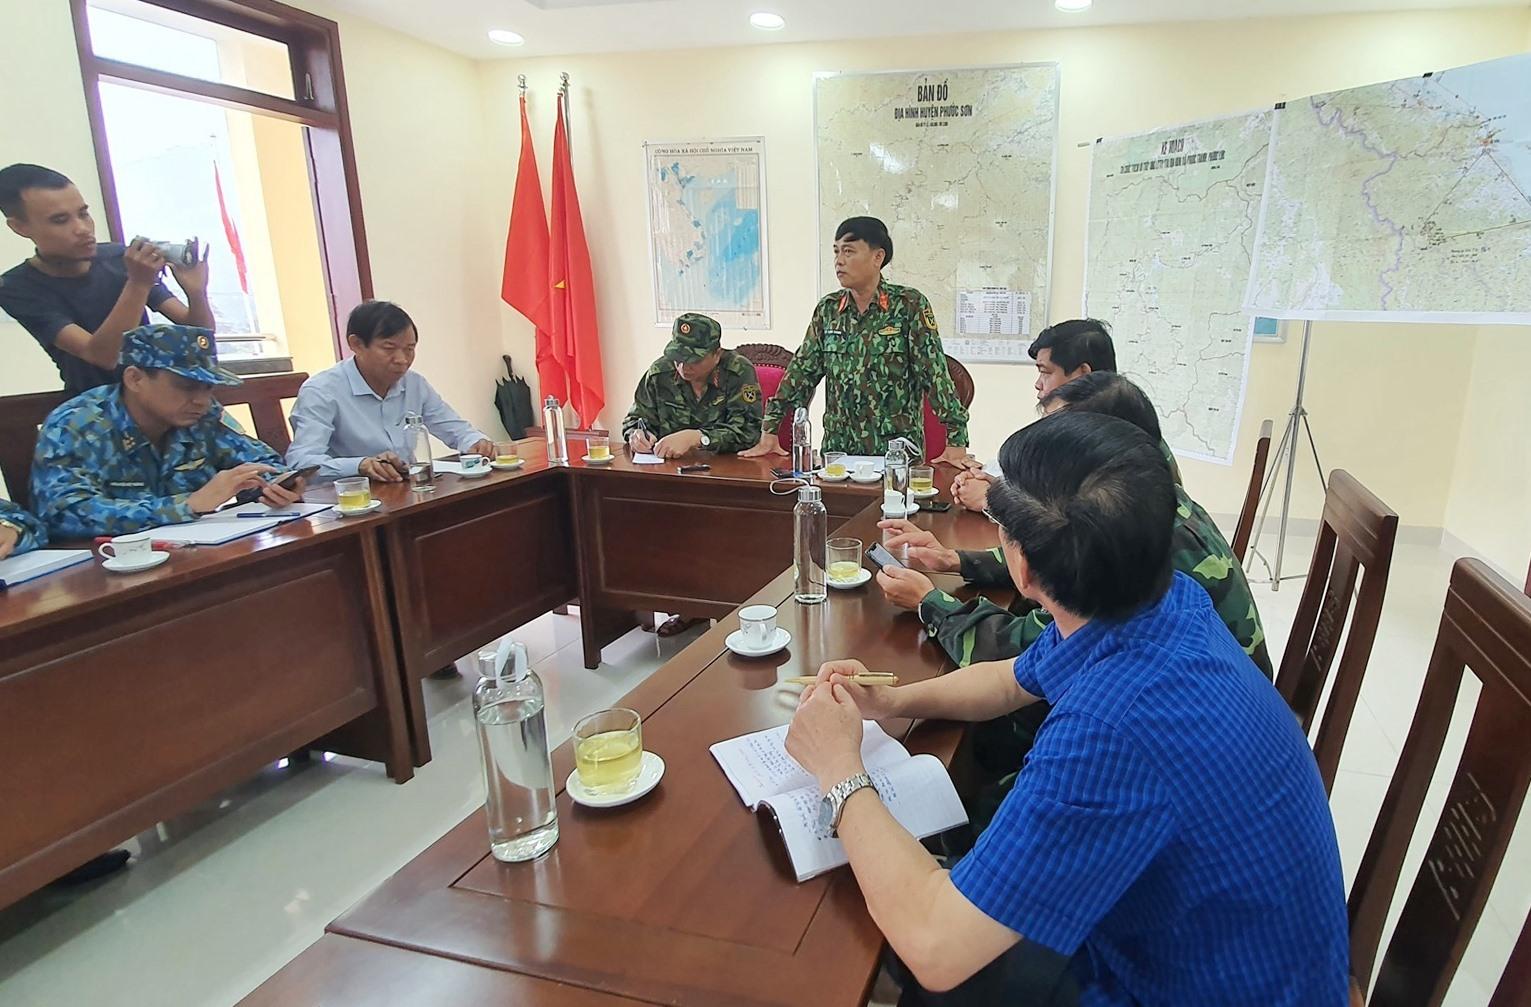 Thượng tá Lê Trung Thành yêu cầu triển khai song song hai phương án tiếp tế đường bộ và đường hàng không. Ảnh: T.C